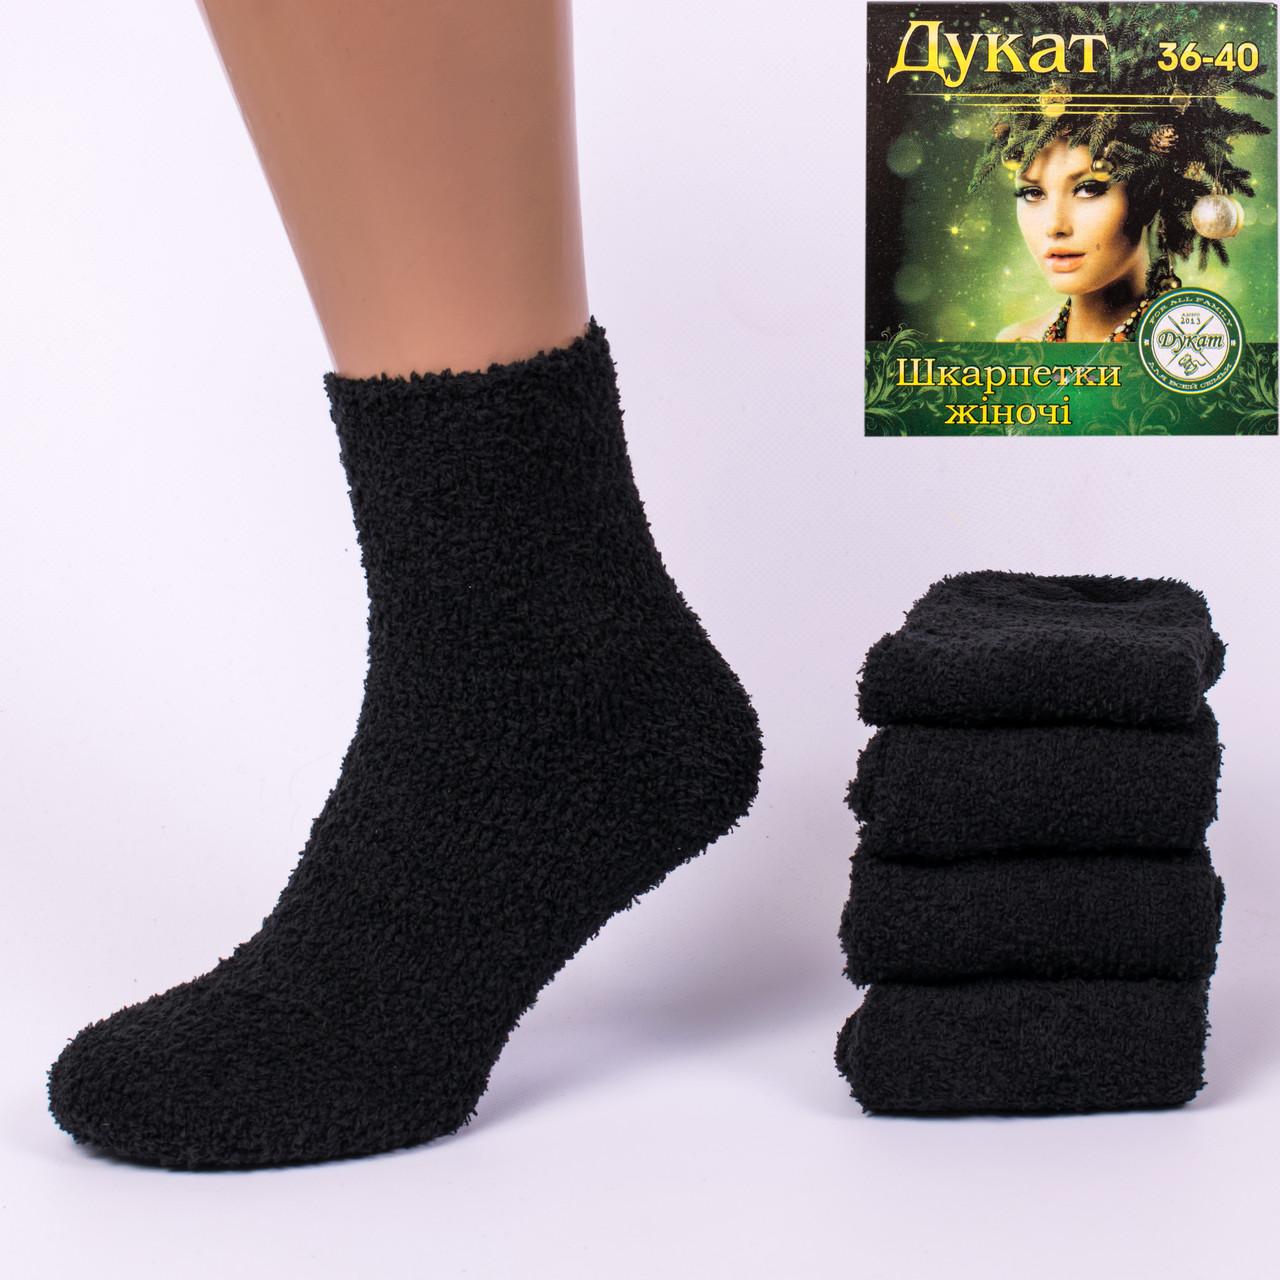 Махровые женские мочалка носки Дукат СМ09. В упаковке 12 пар